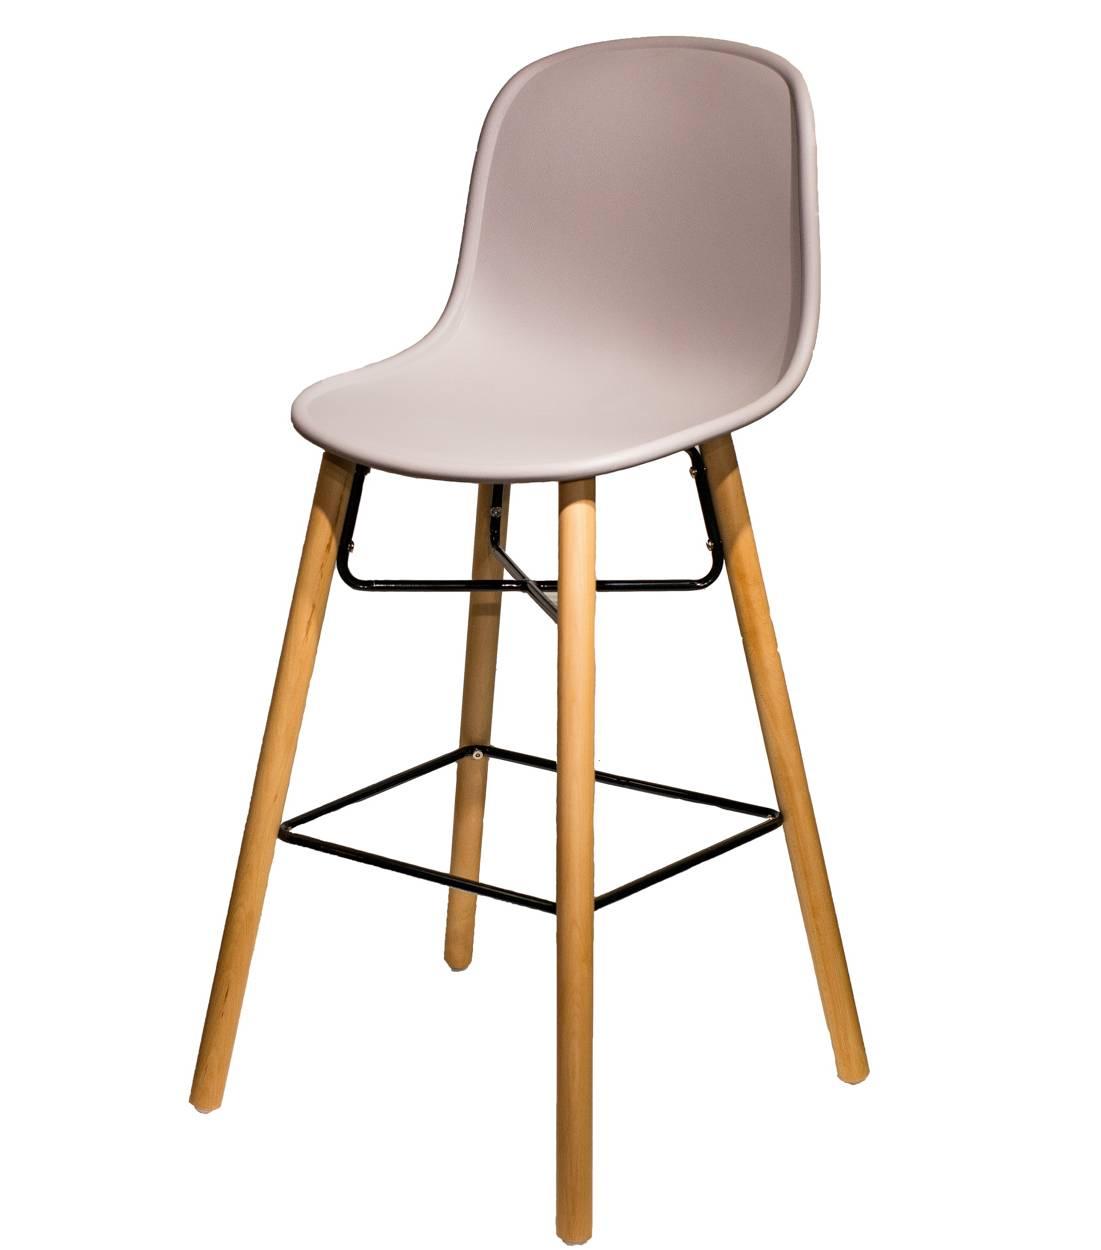 Купить стул барный He Hal в Raroom